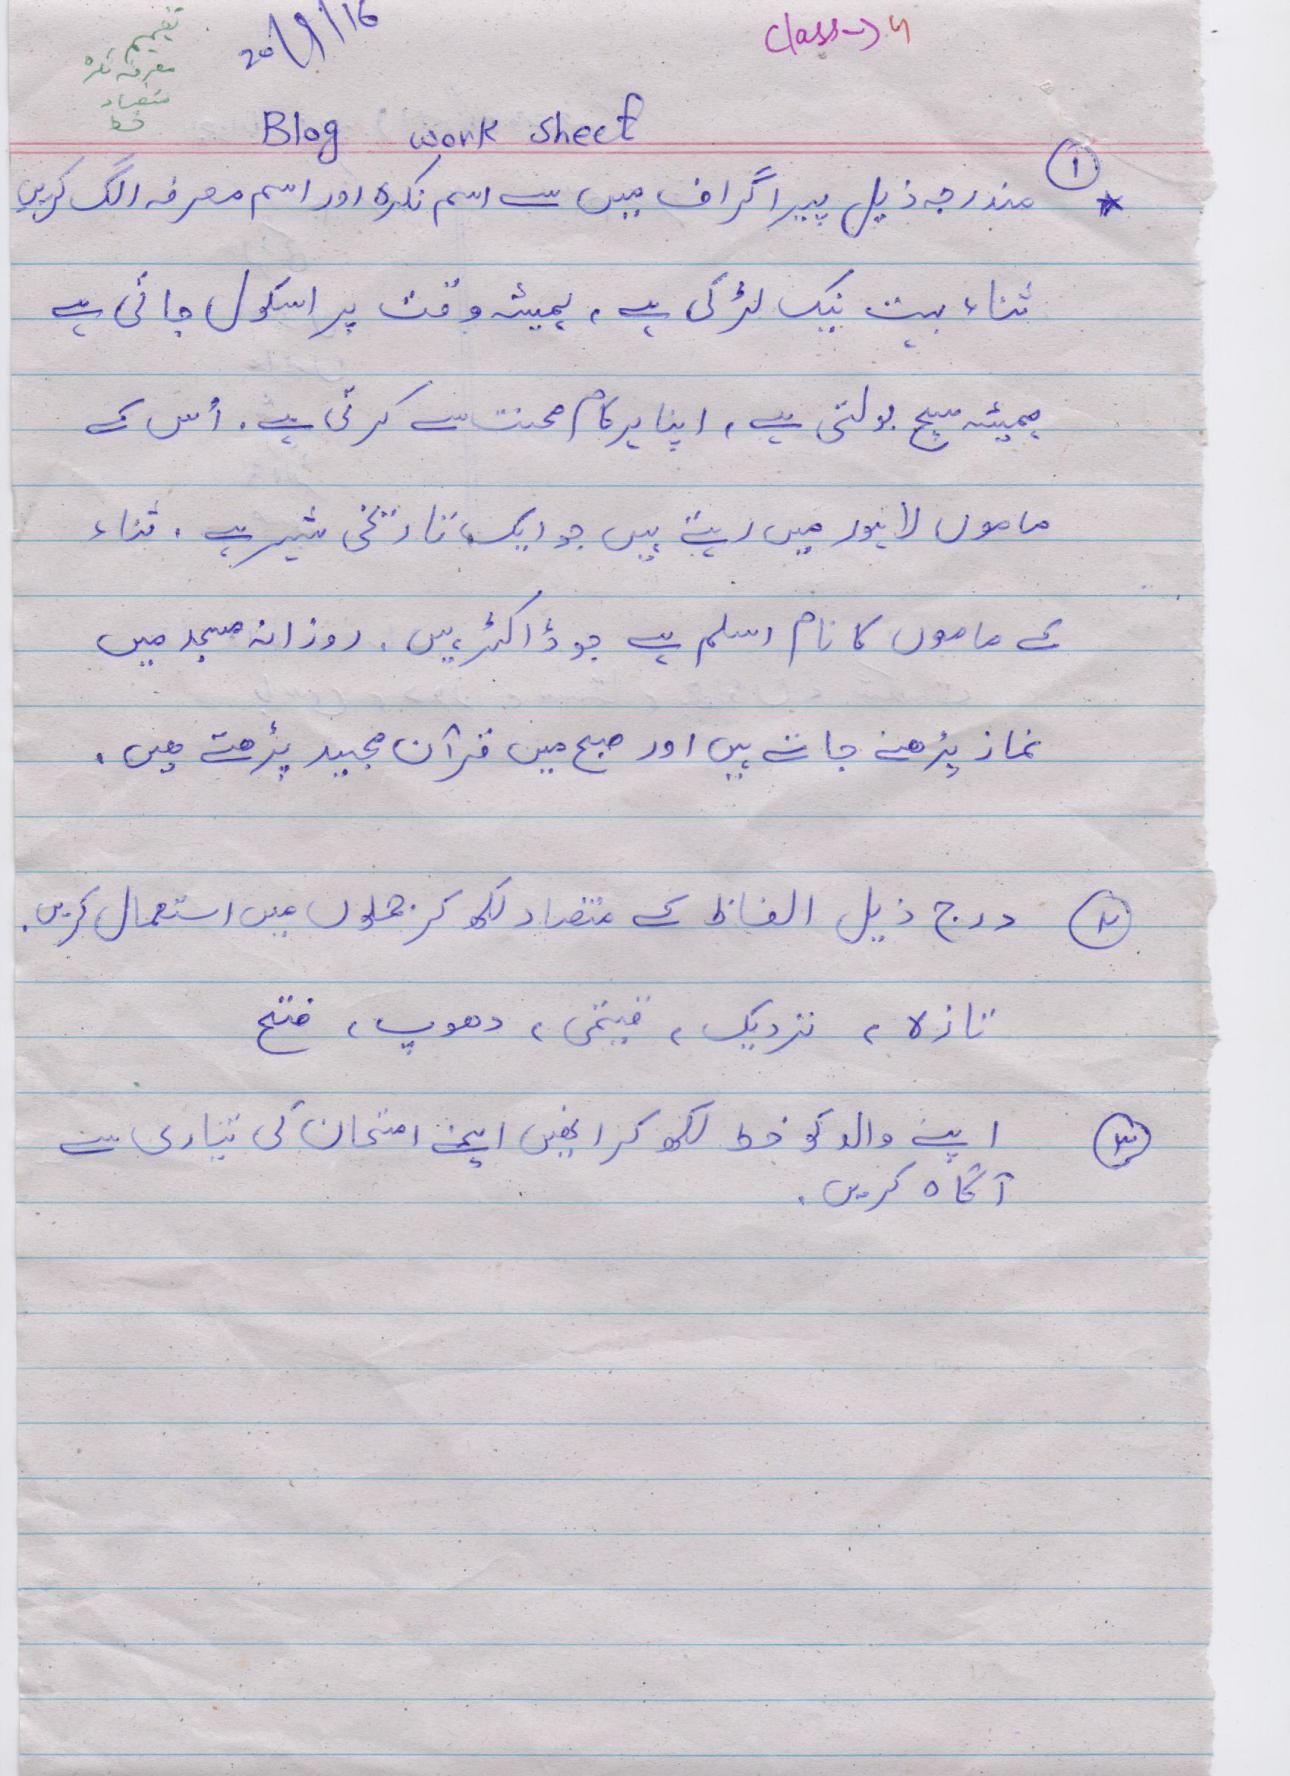 Urdu Blog Worksheet Class 4 26 09 16 Super Teacher Worksheets Reading Comprehension Worksheets Worksheets [ 1776 x 1290 Pixel ]